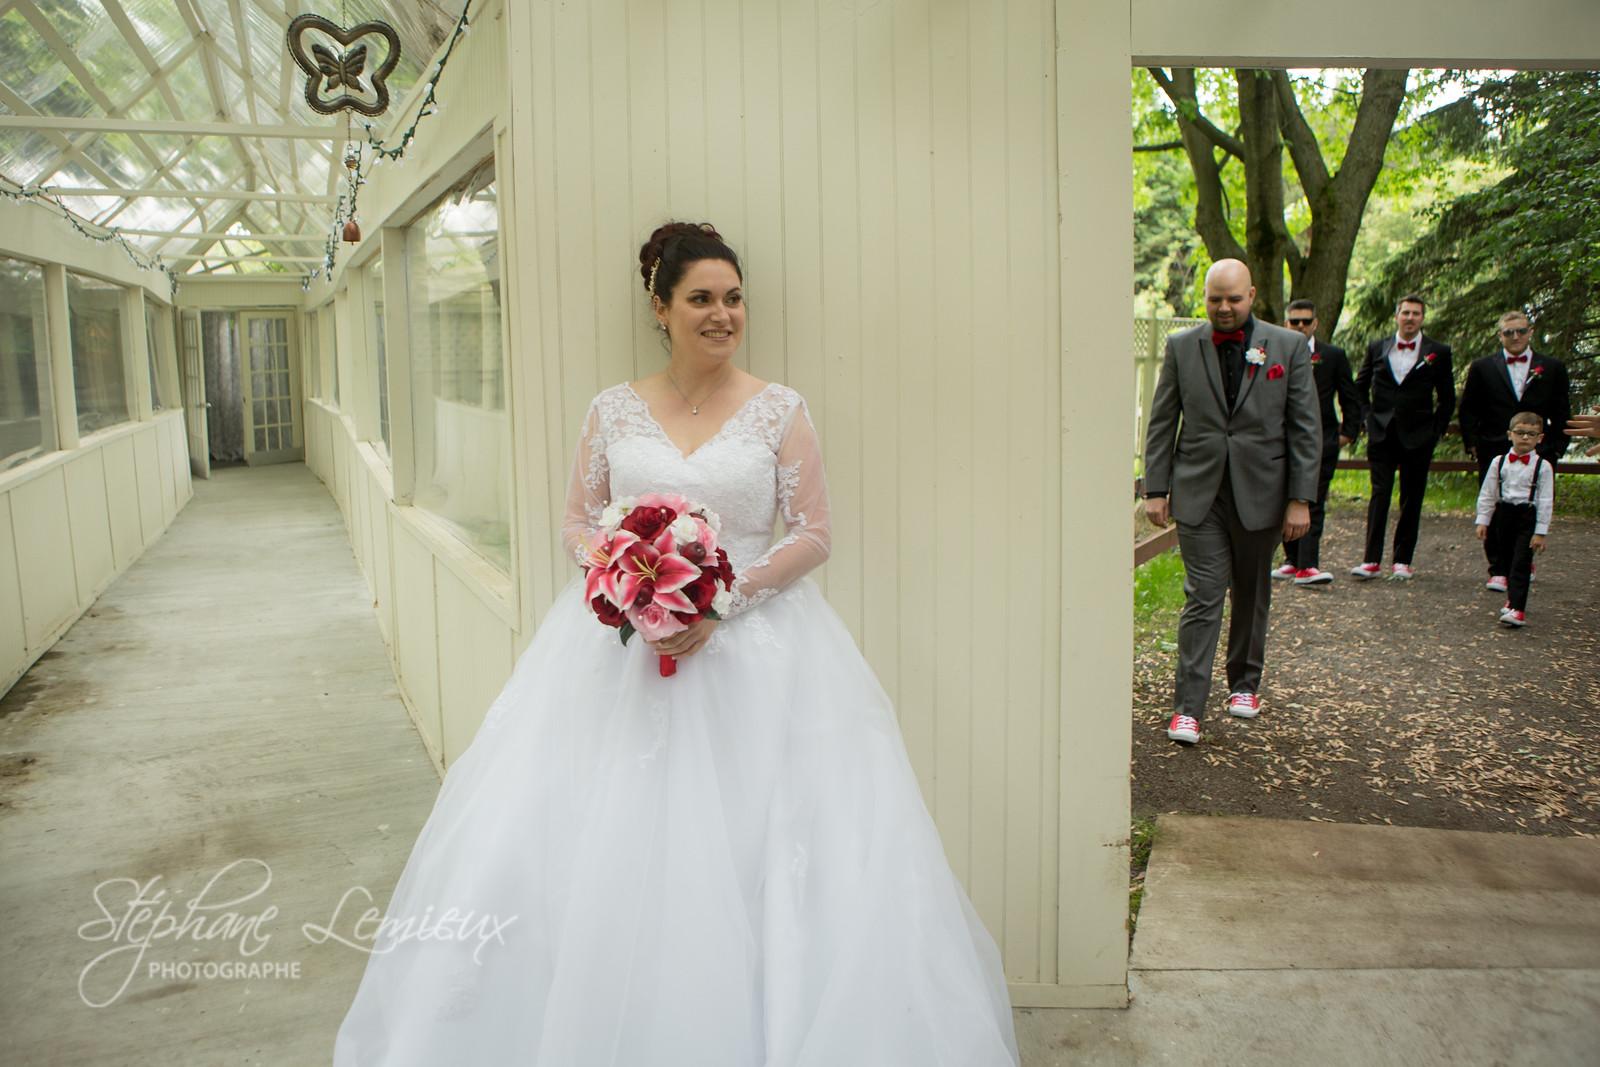 stephane-lemieux-photographe-mariage-montreal-20170603-229